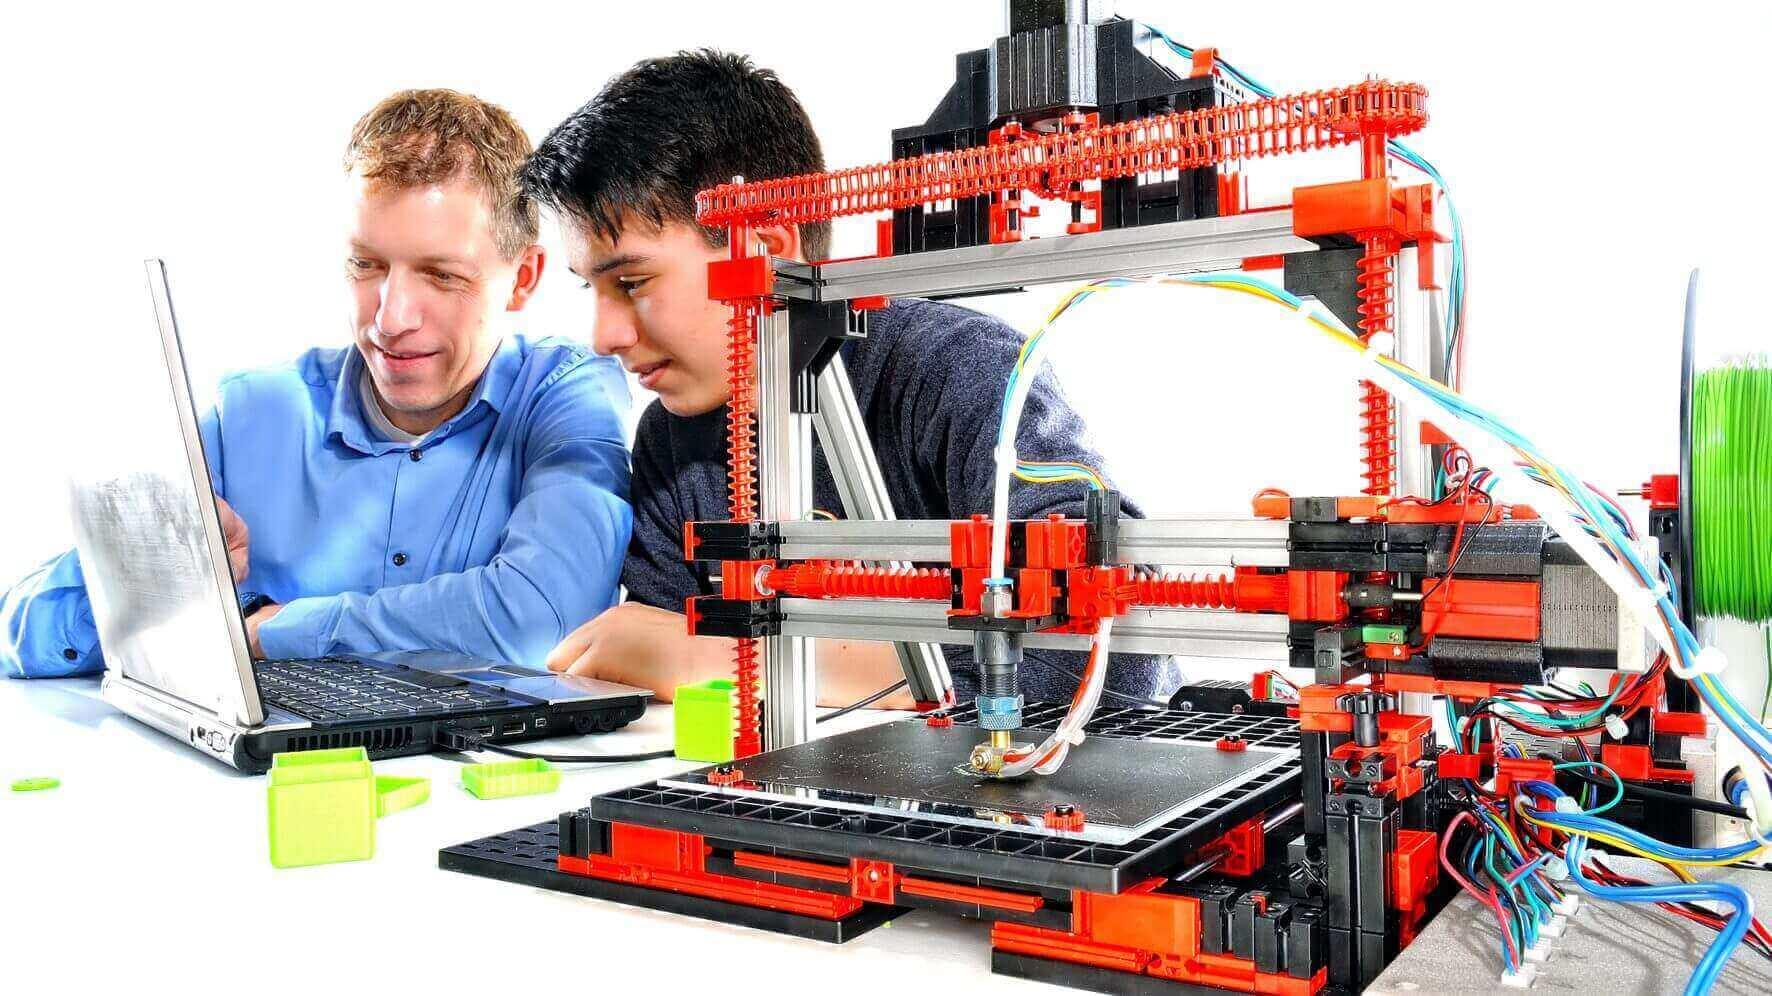 Modular 3D Printer Kit from Fischertechnik | All3DP